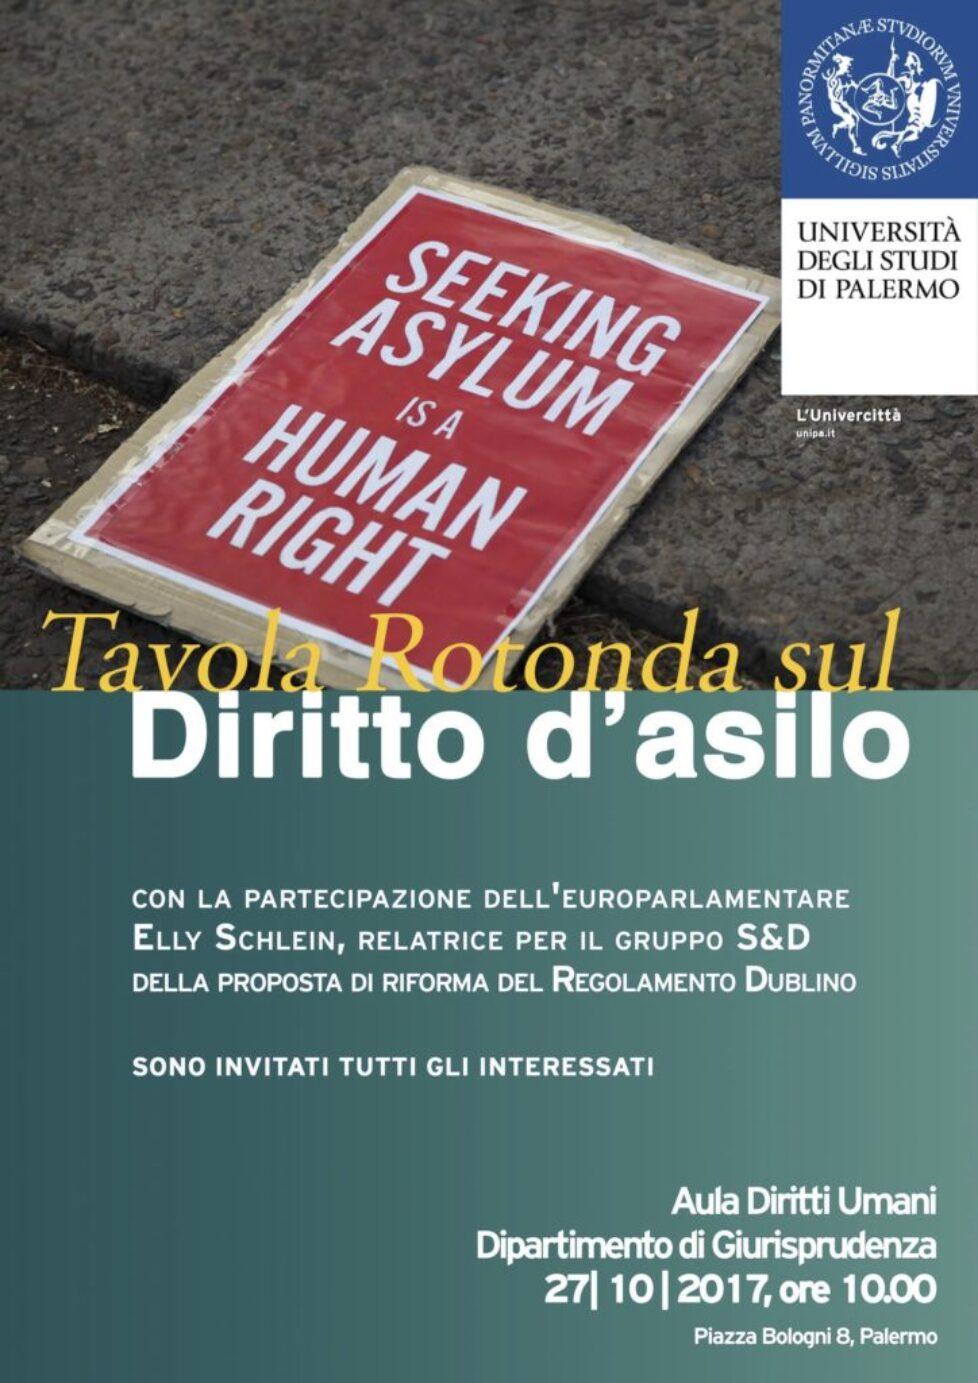 Tavola rotonda sul diritto d'asilo presso il Dipartimento di Giurisprudenza dell'Università di Palermo